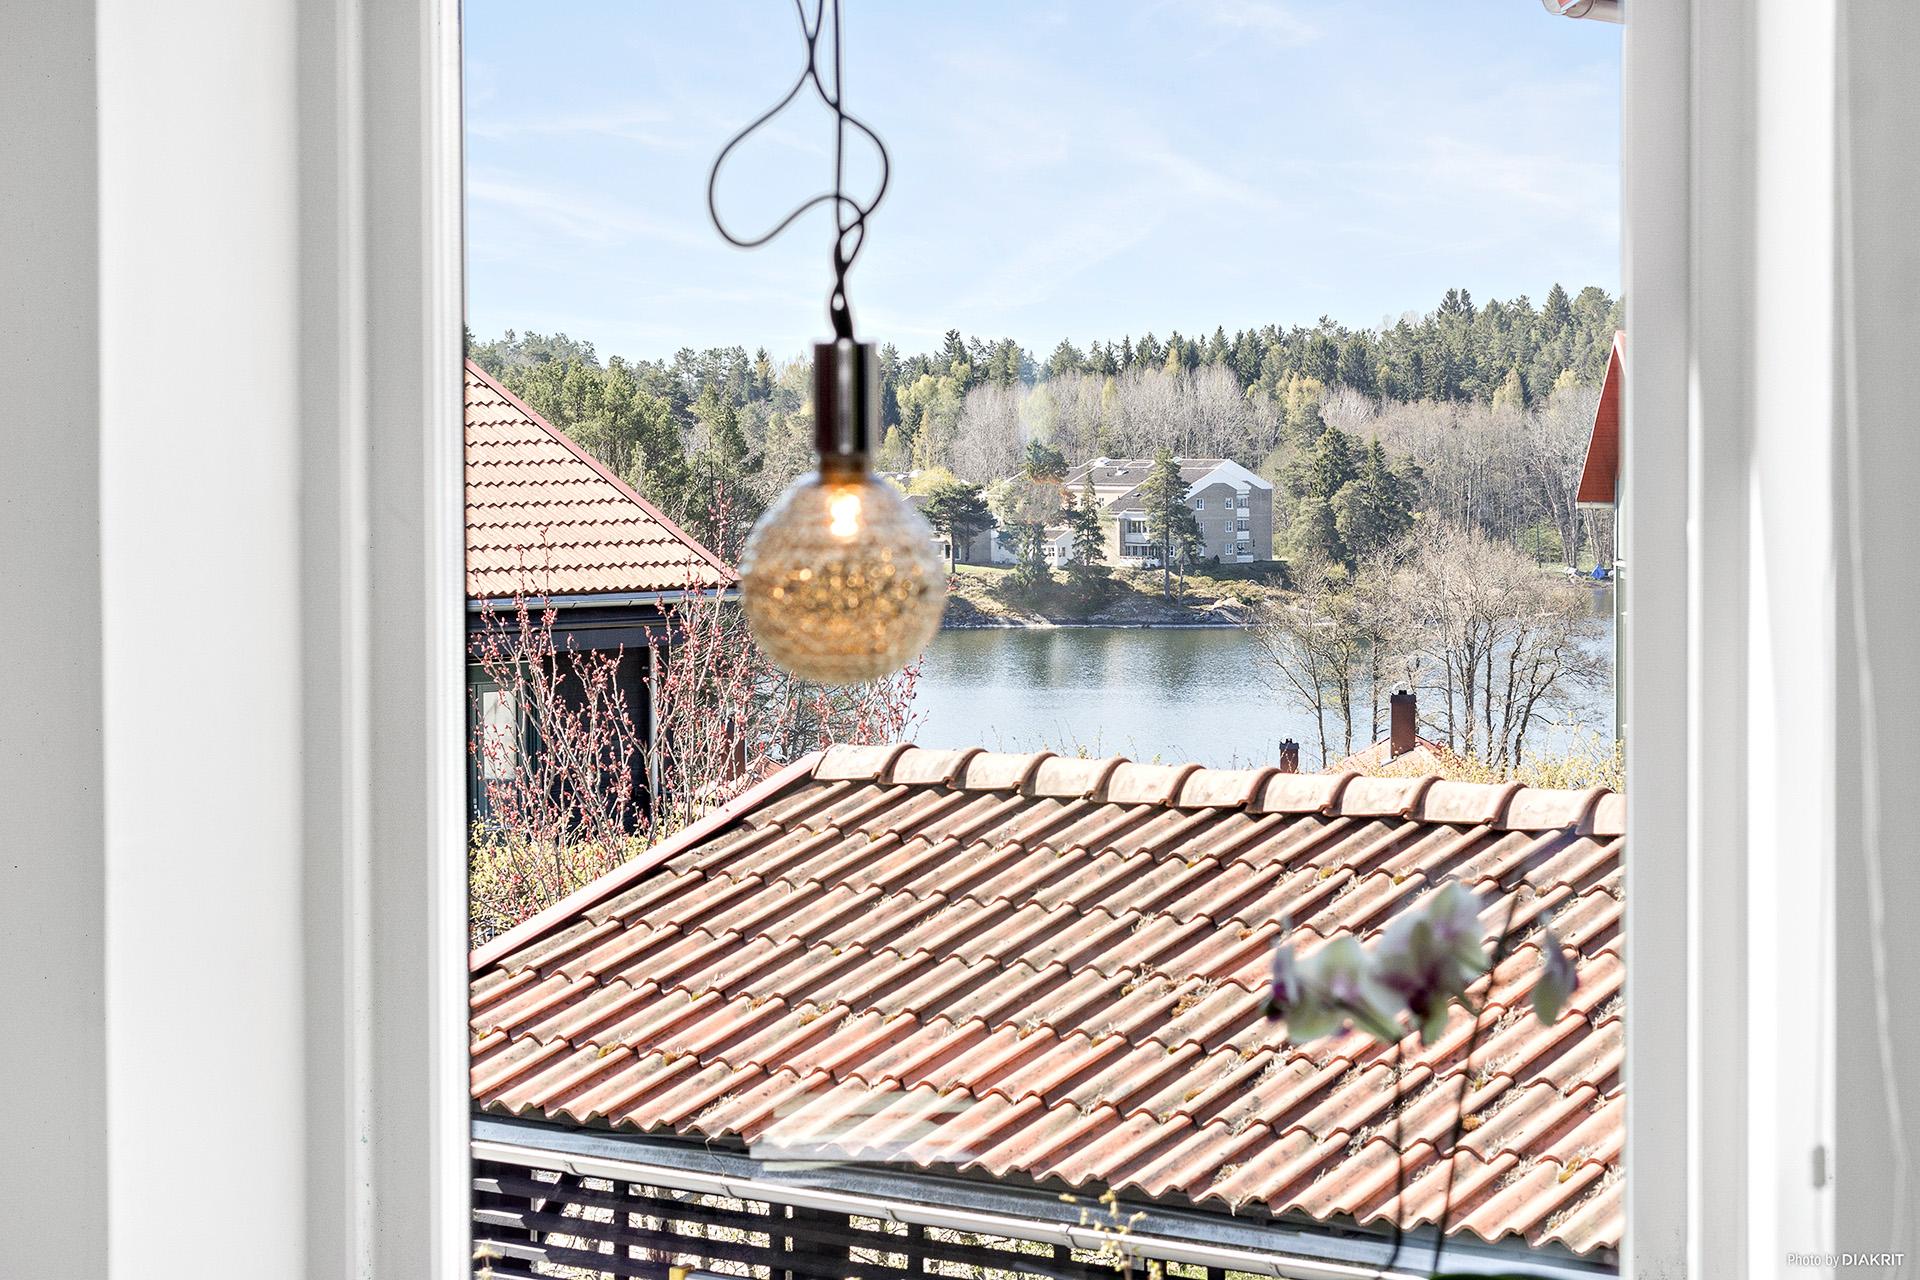 Utsikten från sovrummet med fransk balkong